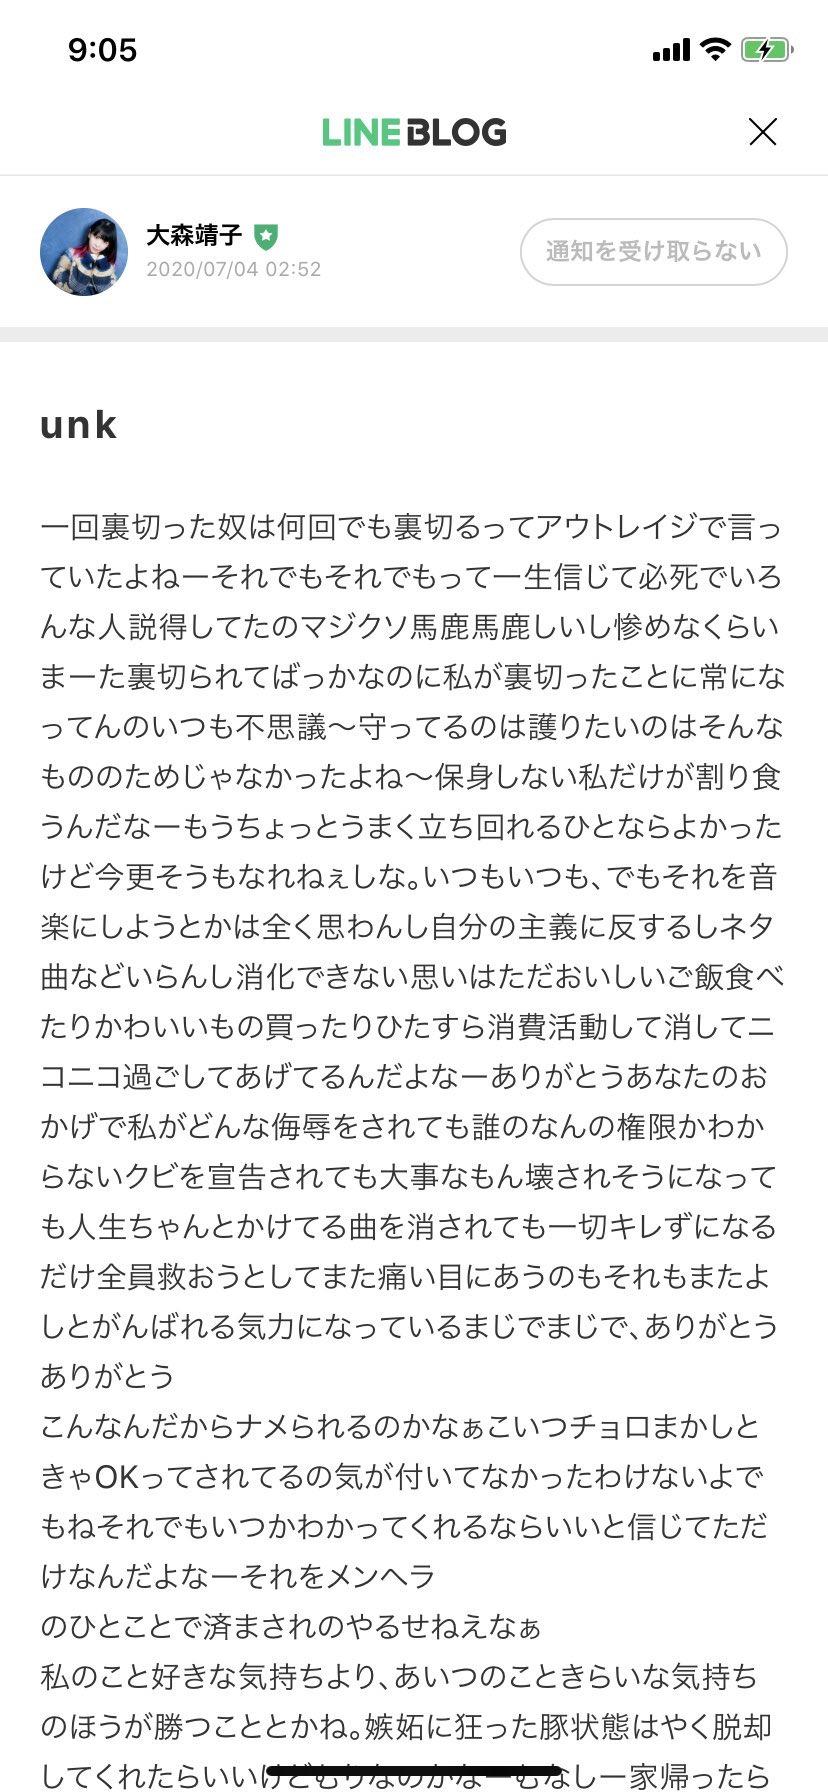 大森靖子 メンヘラ 戦慄かなの